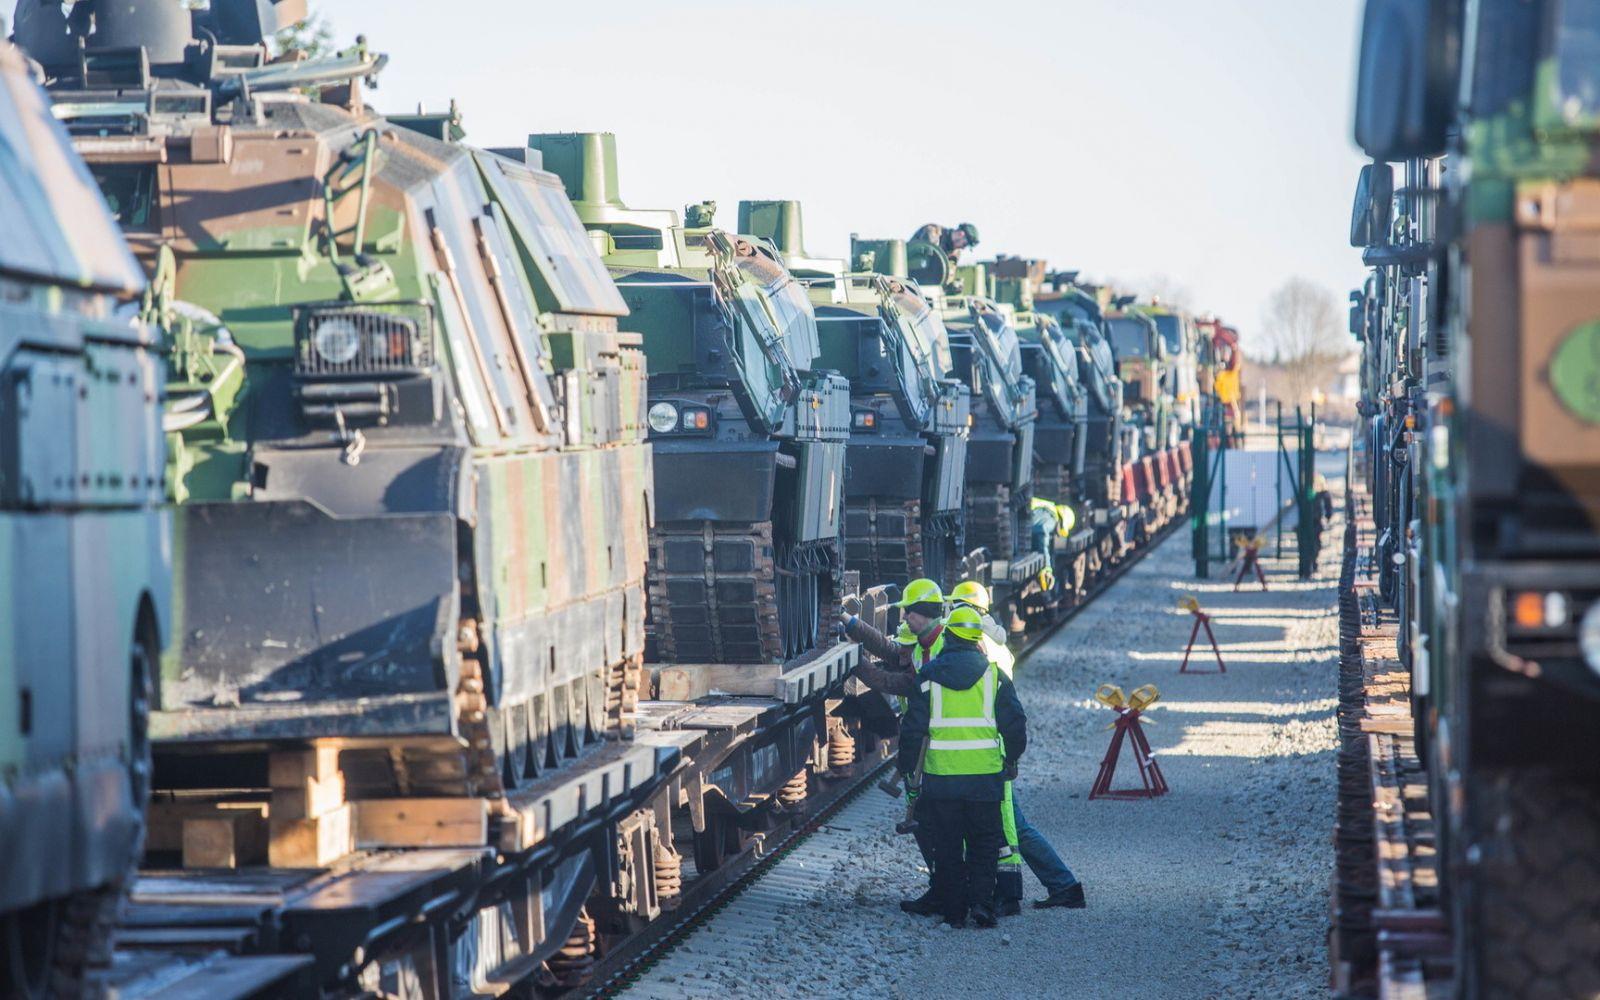 ВЭстонию прибыла новая партия военной техники НАТО